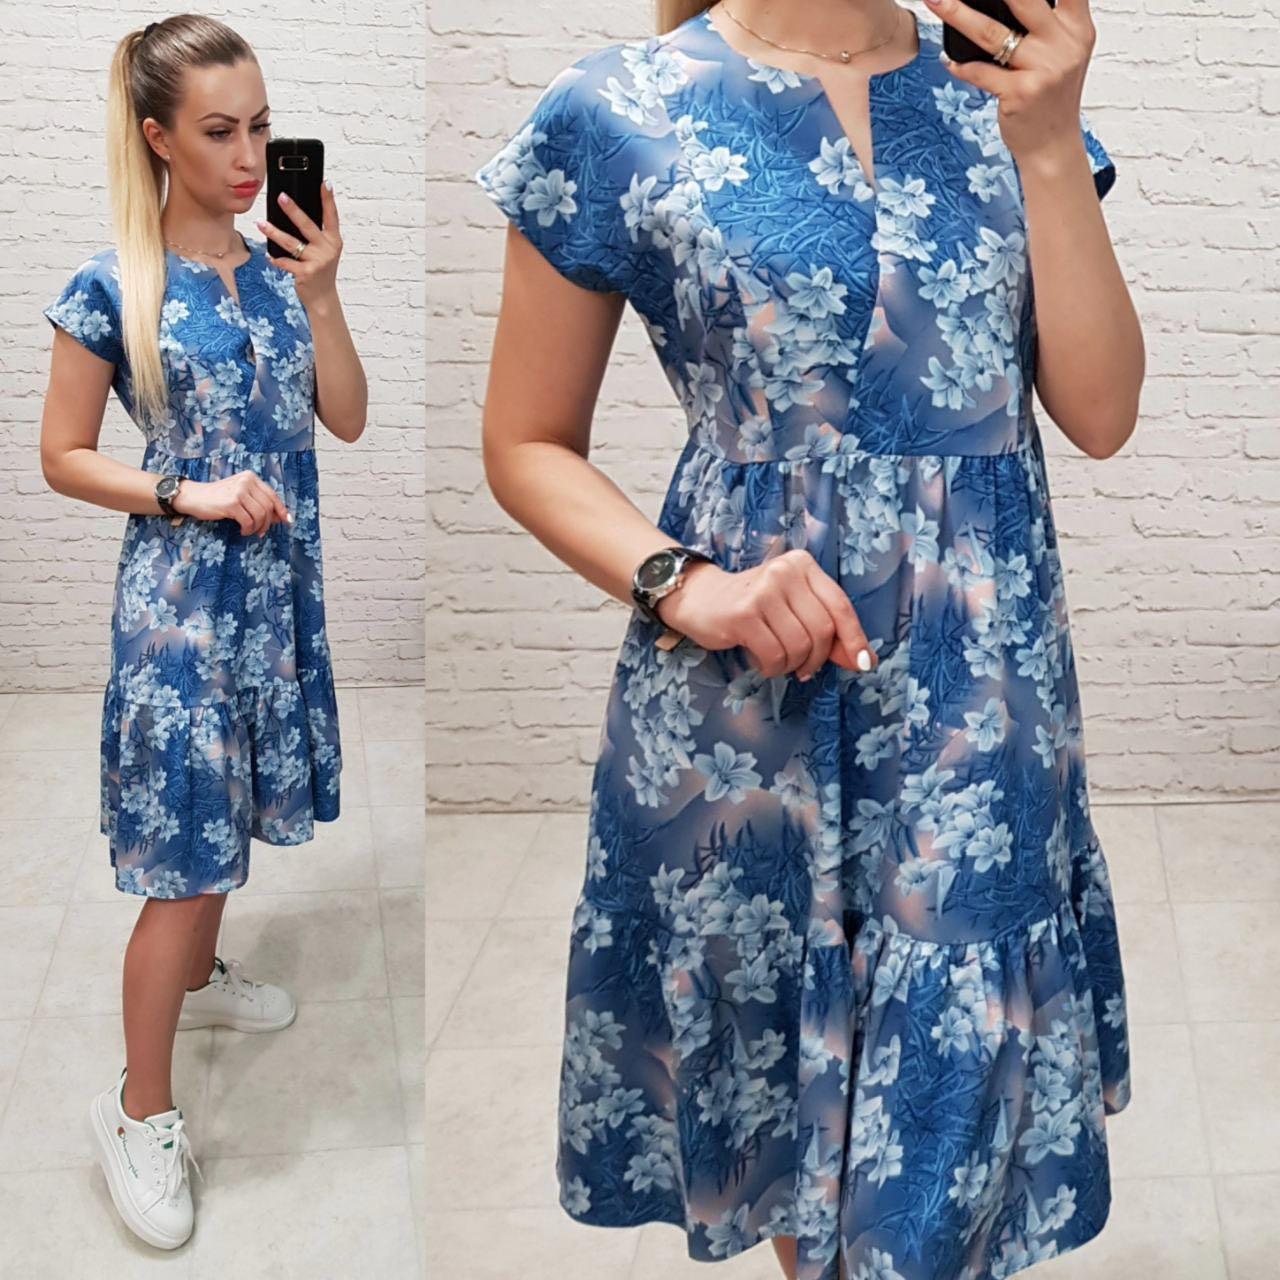 Літня сукня вільного крою,арт С19-02, блакитне в квіти